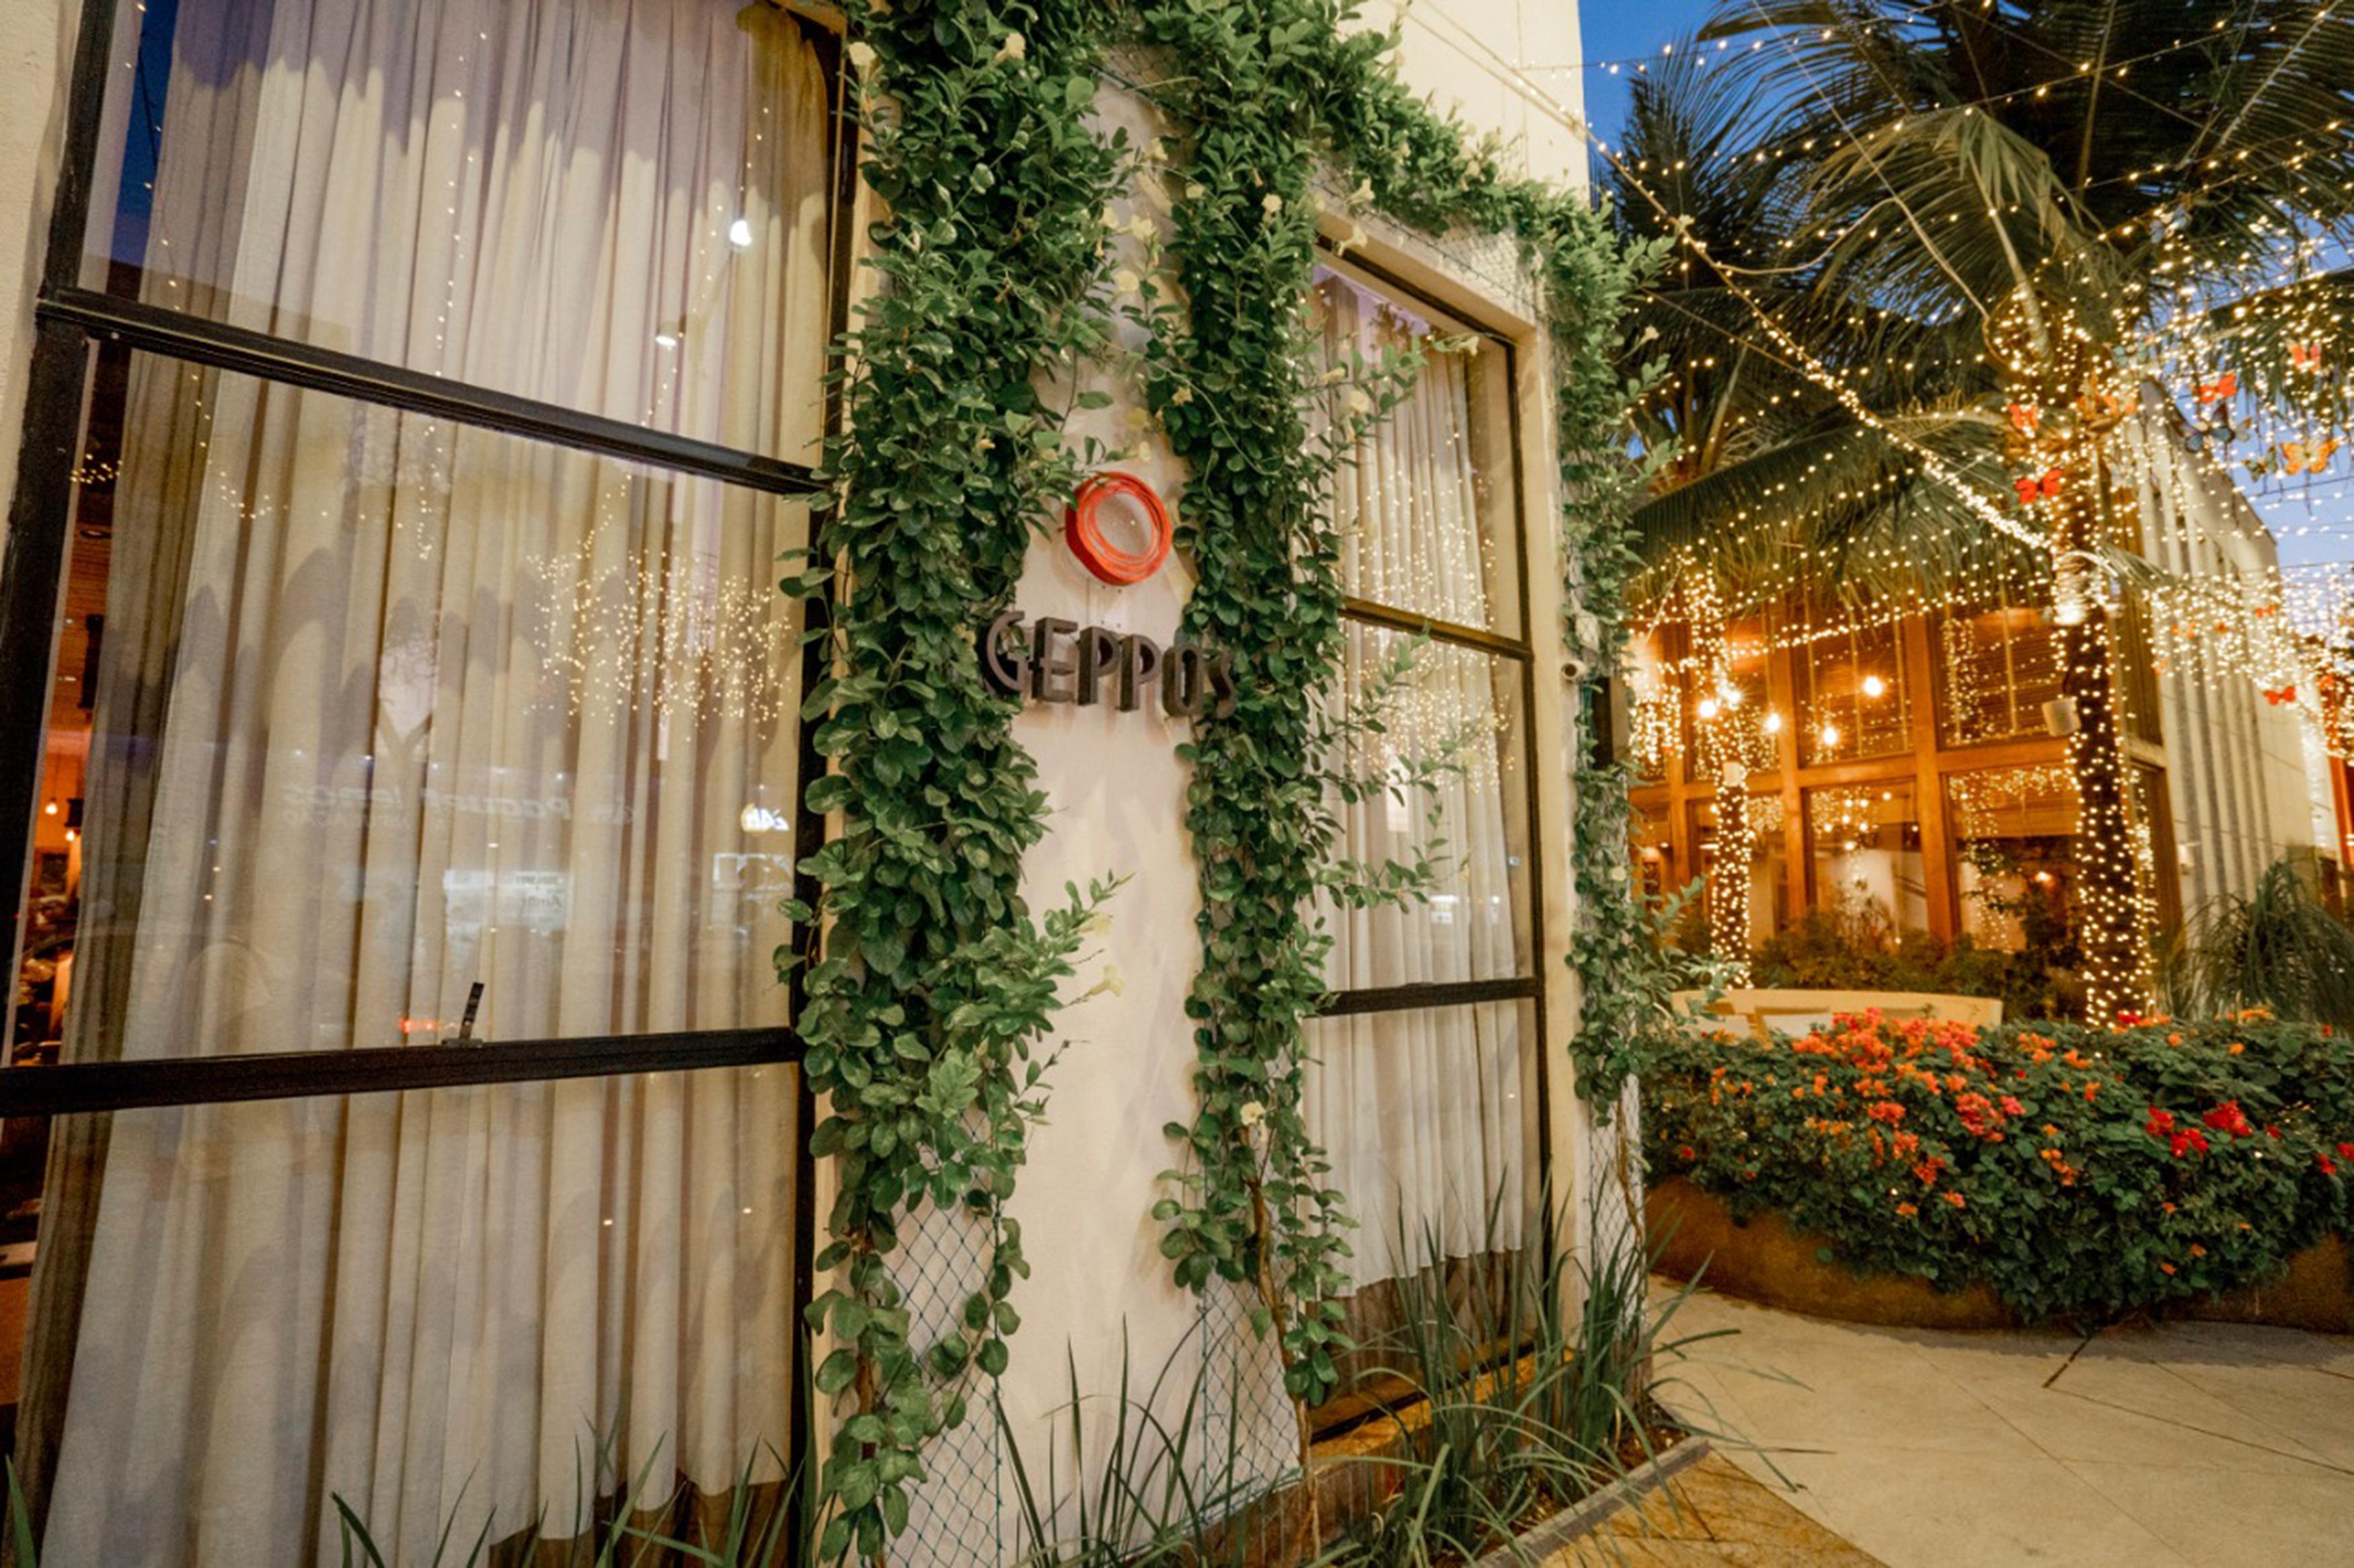 Com medidas rígidas de segurança, restaurantes do Grupo Geppos planejam retomada ainda este mês